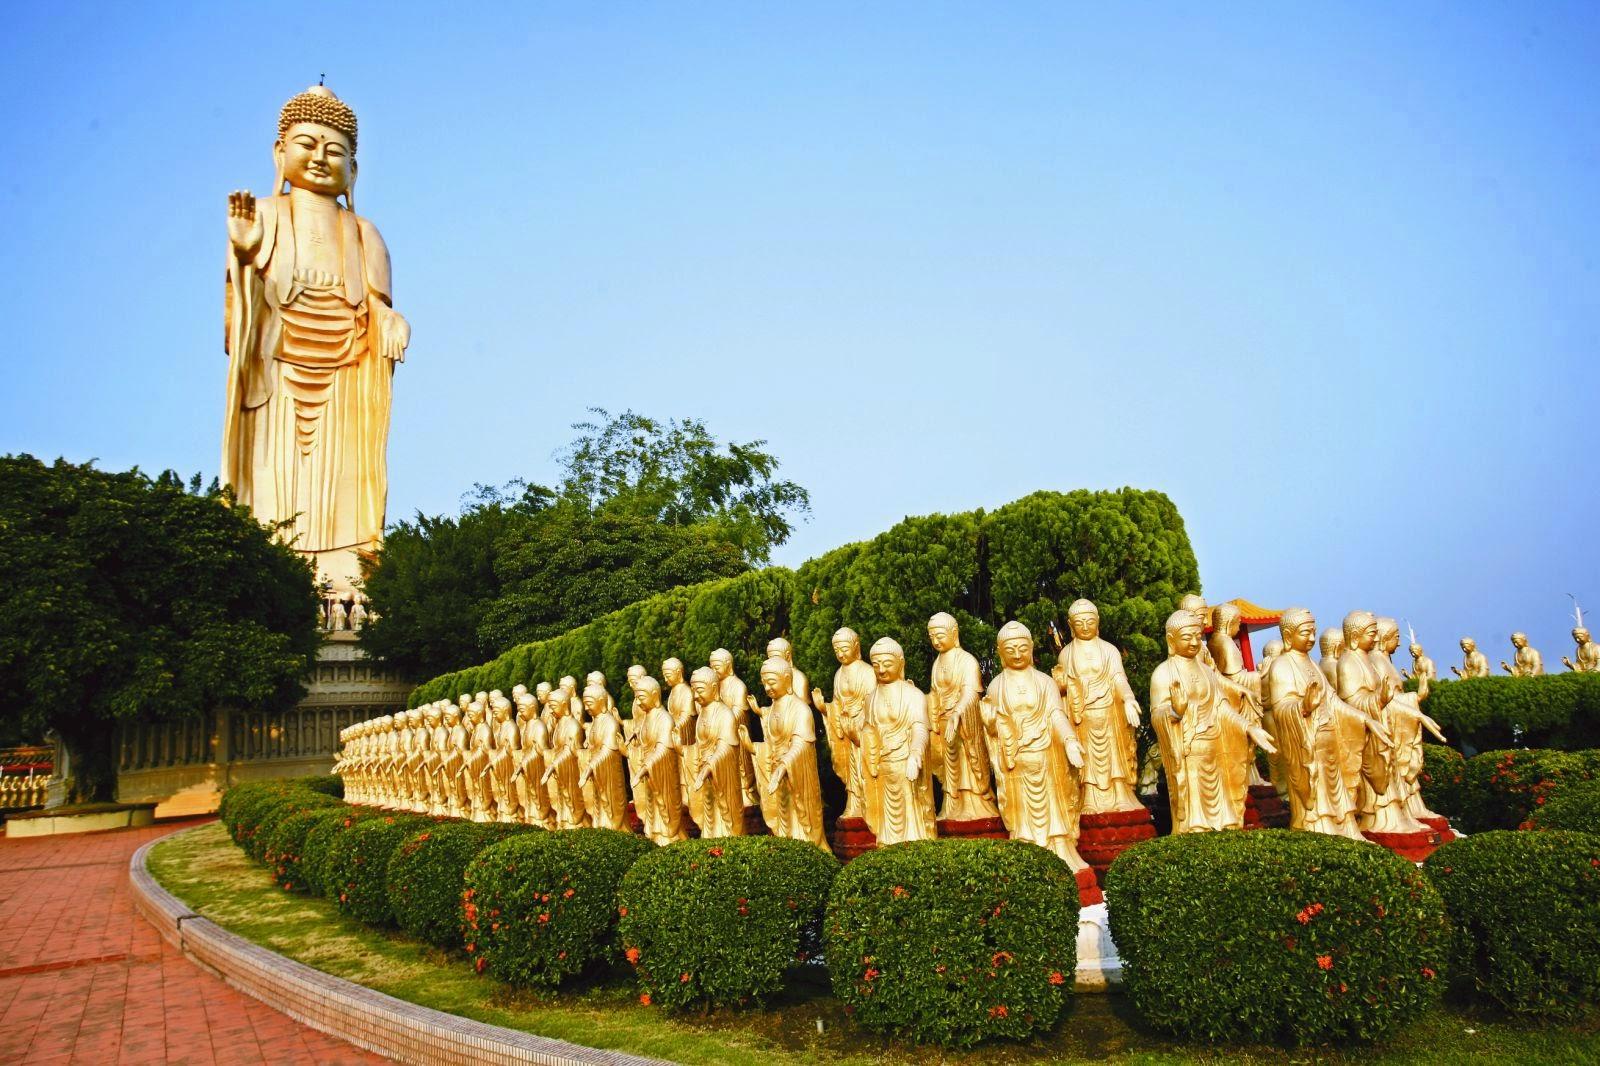 Những pho tượng phật dát vàng trong khuôn viên Phật Quan Sơn